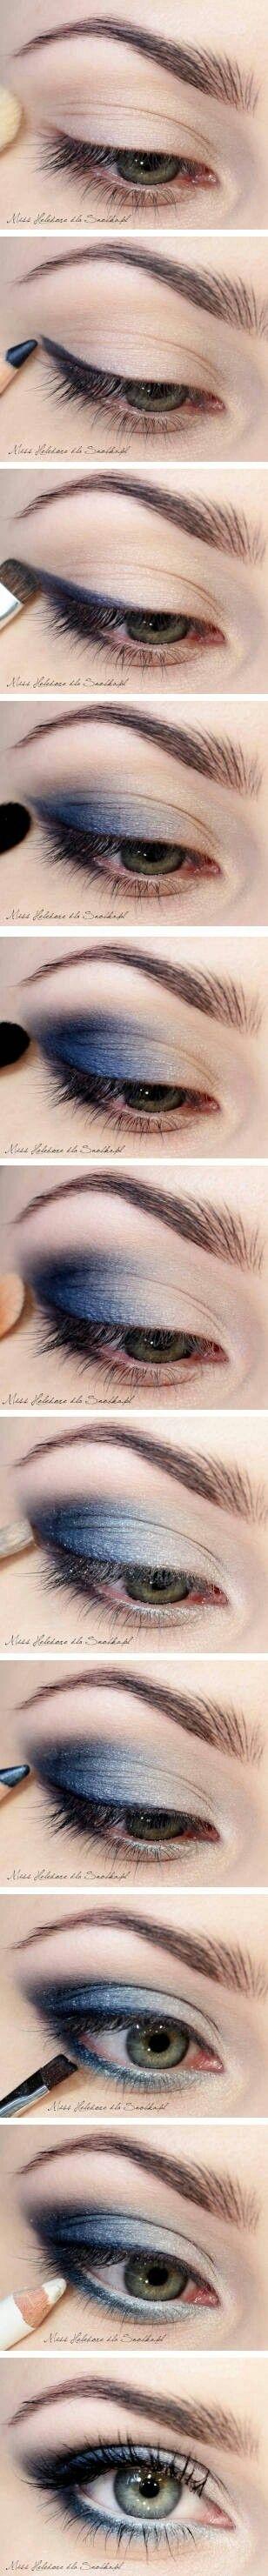 A beautiful Smokey Eye tutorial for blue eyes